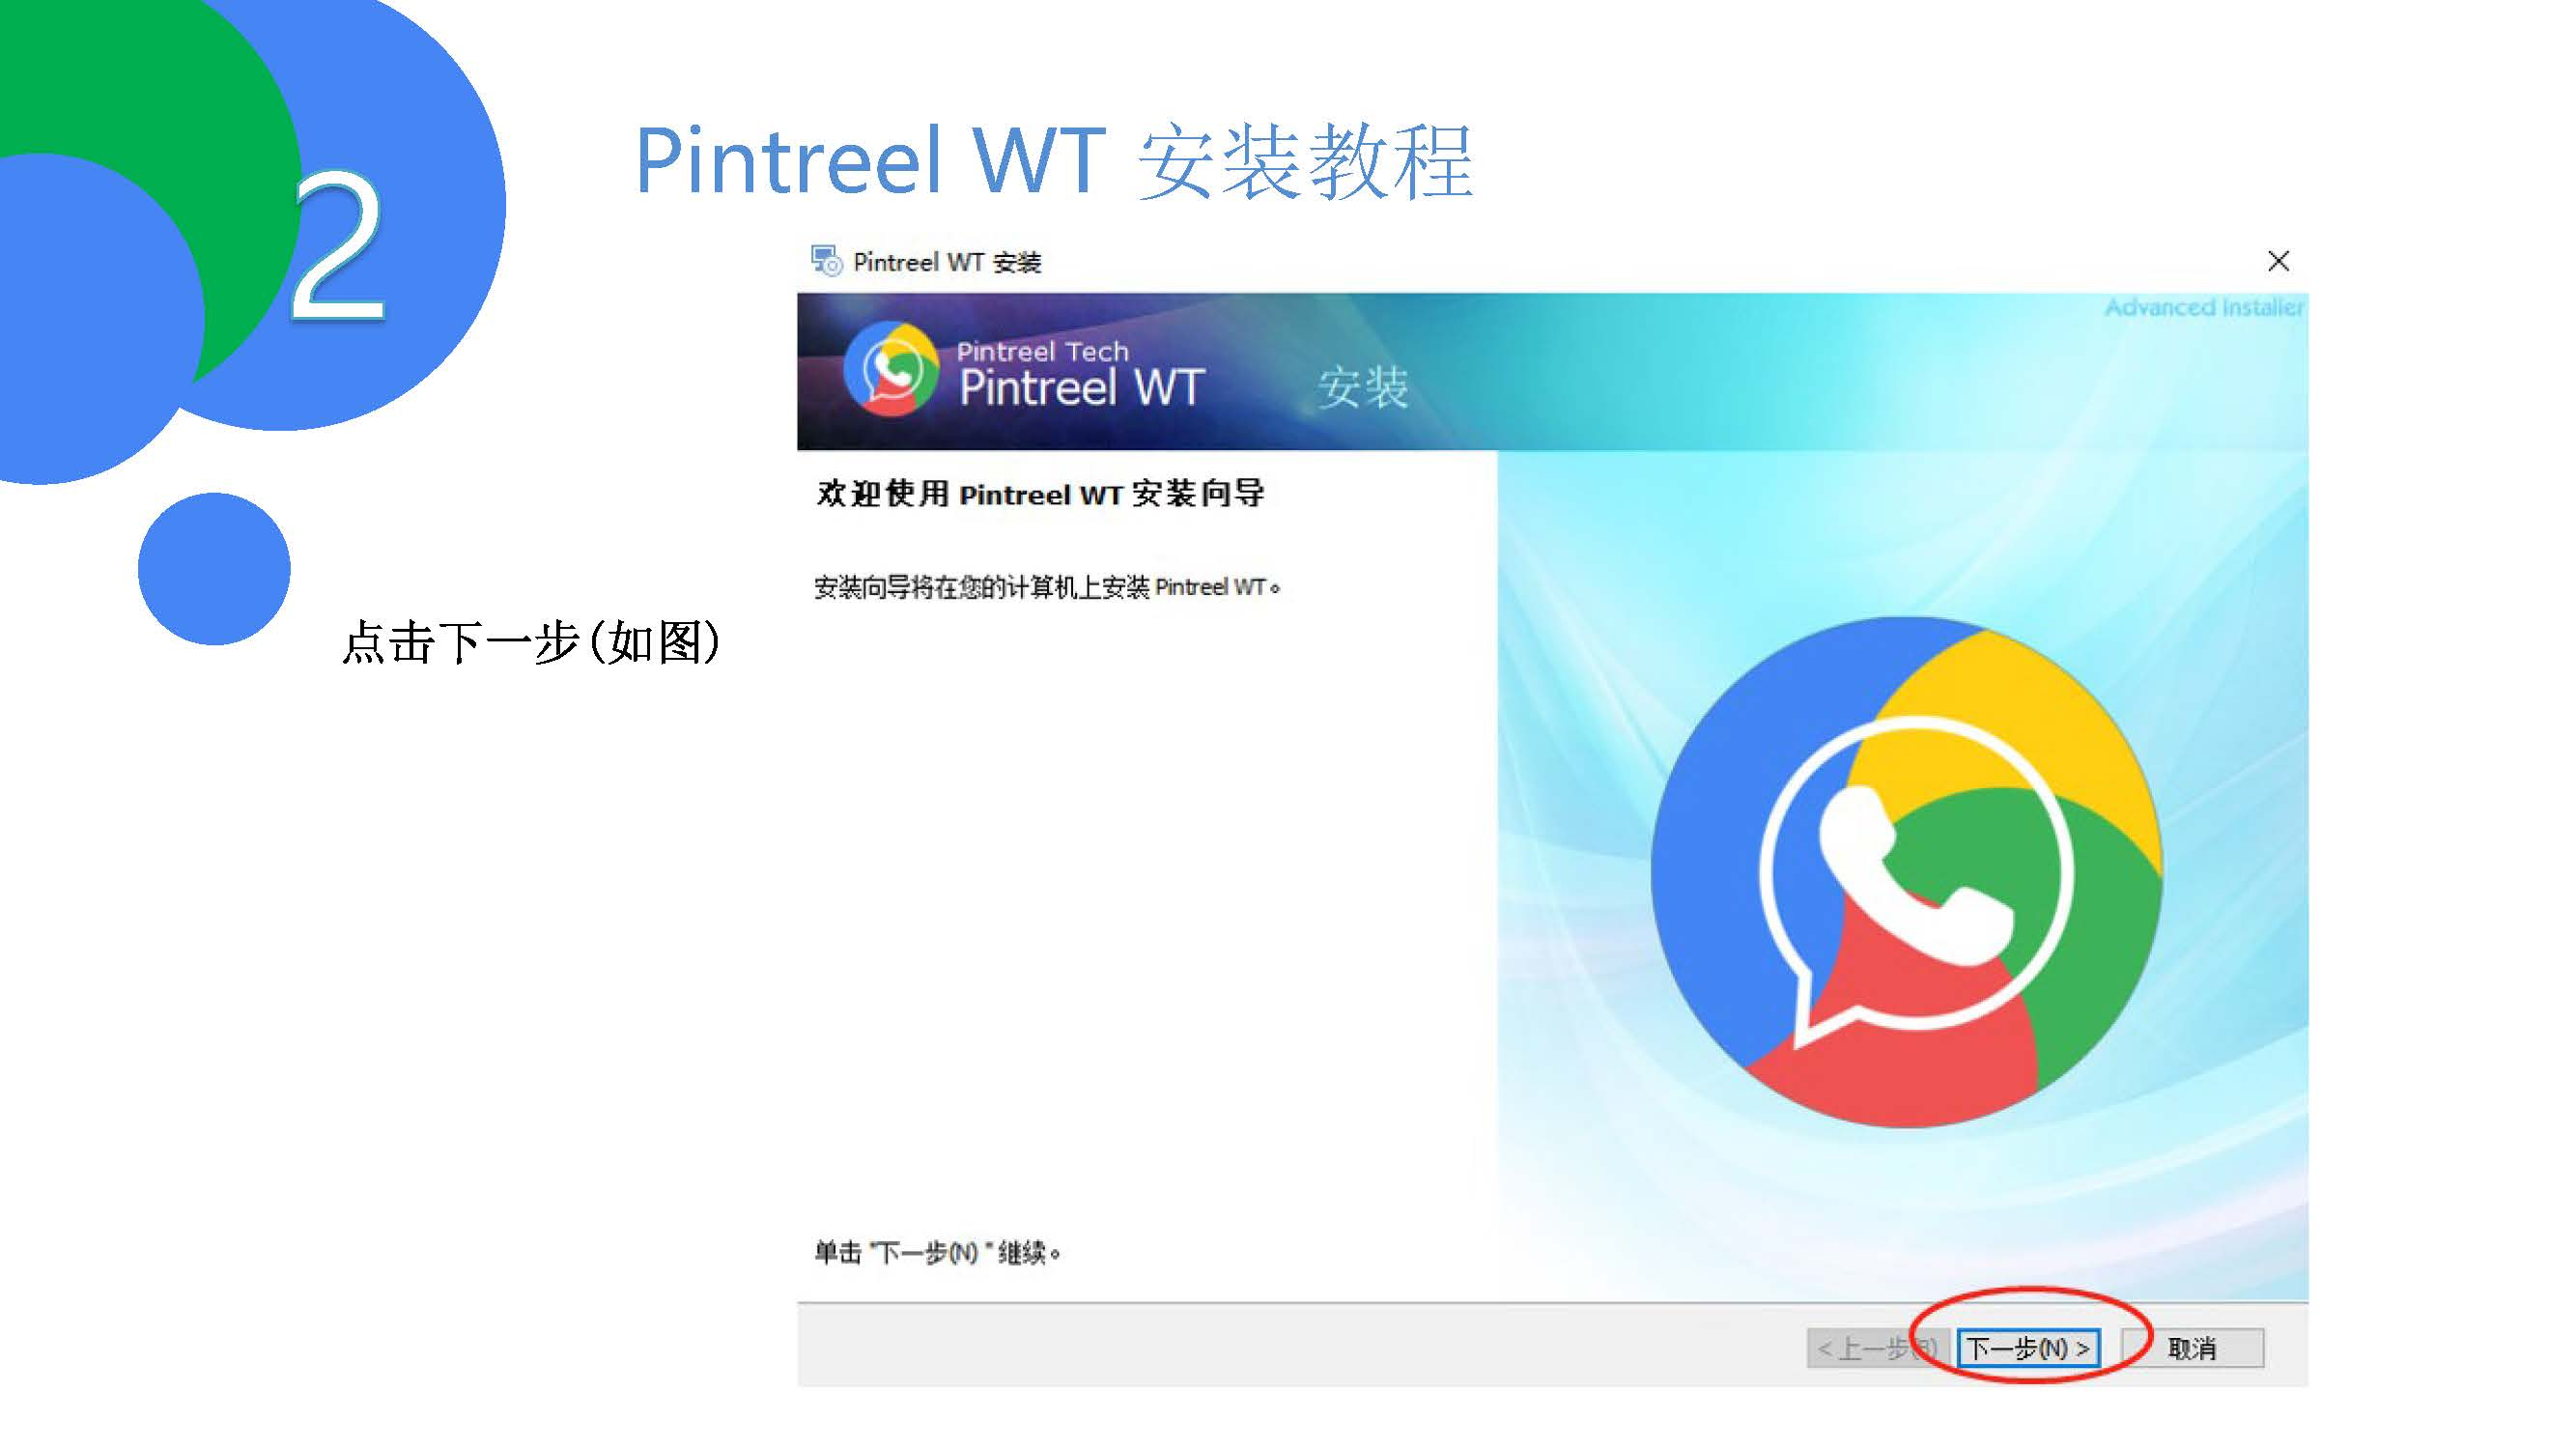 pintreel WT安装教程_页面_3